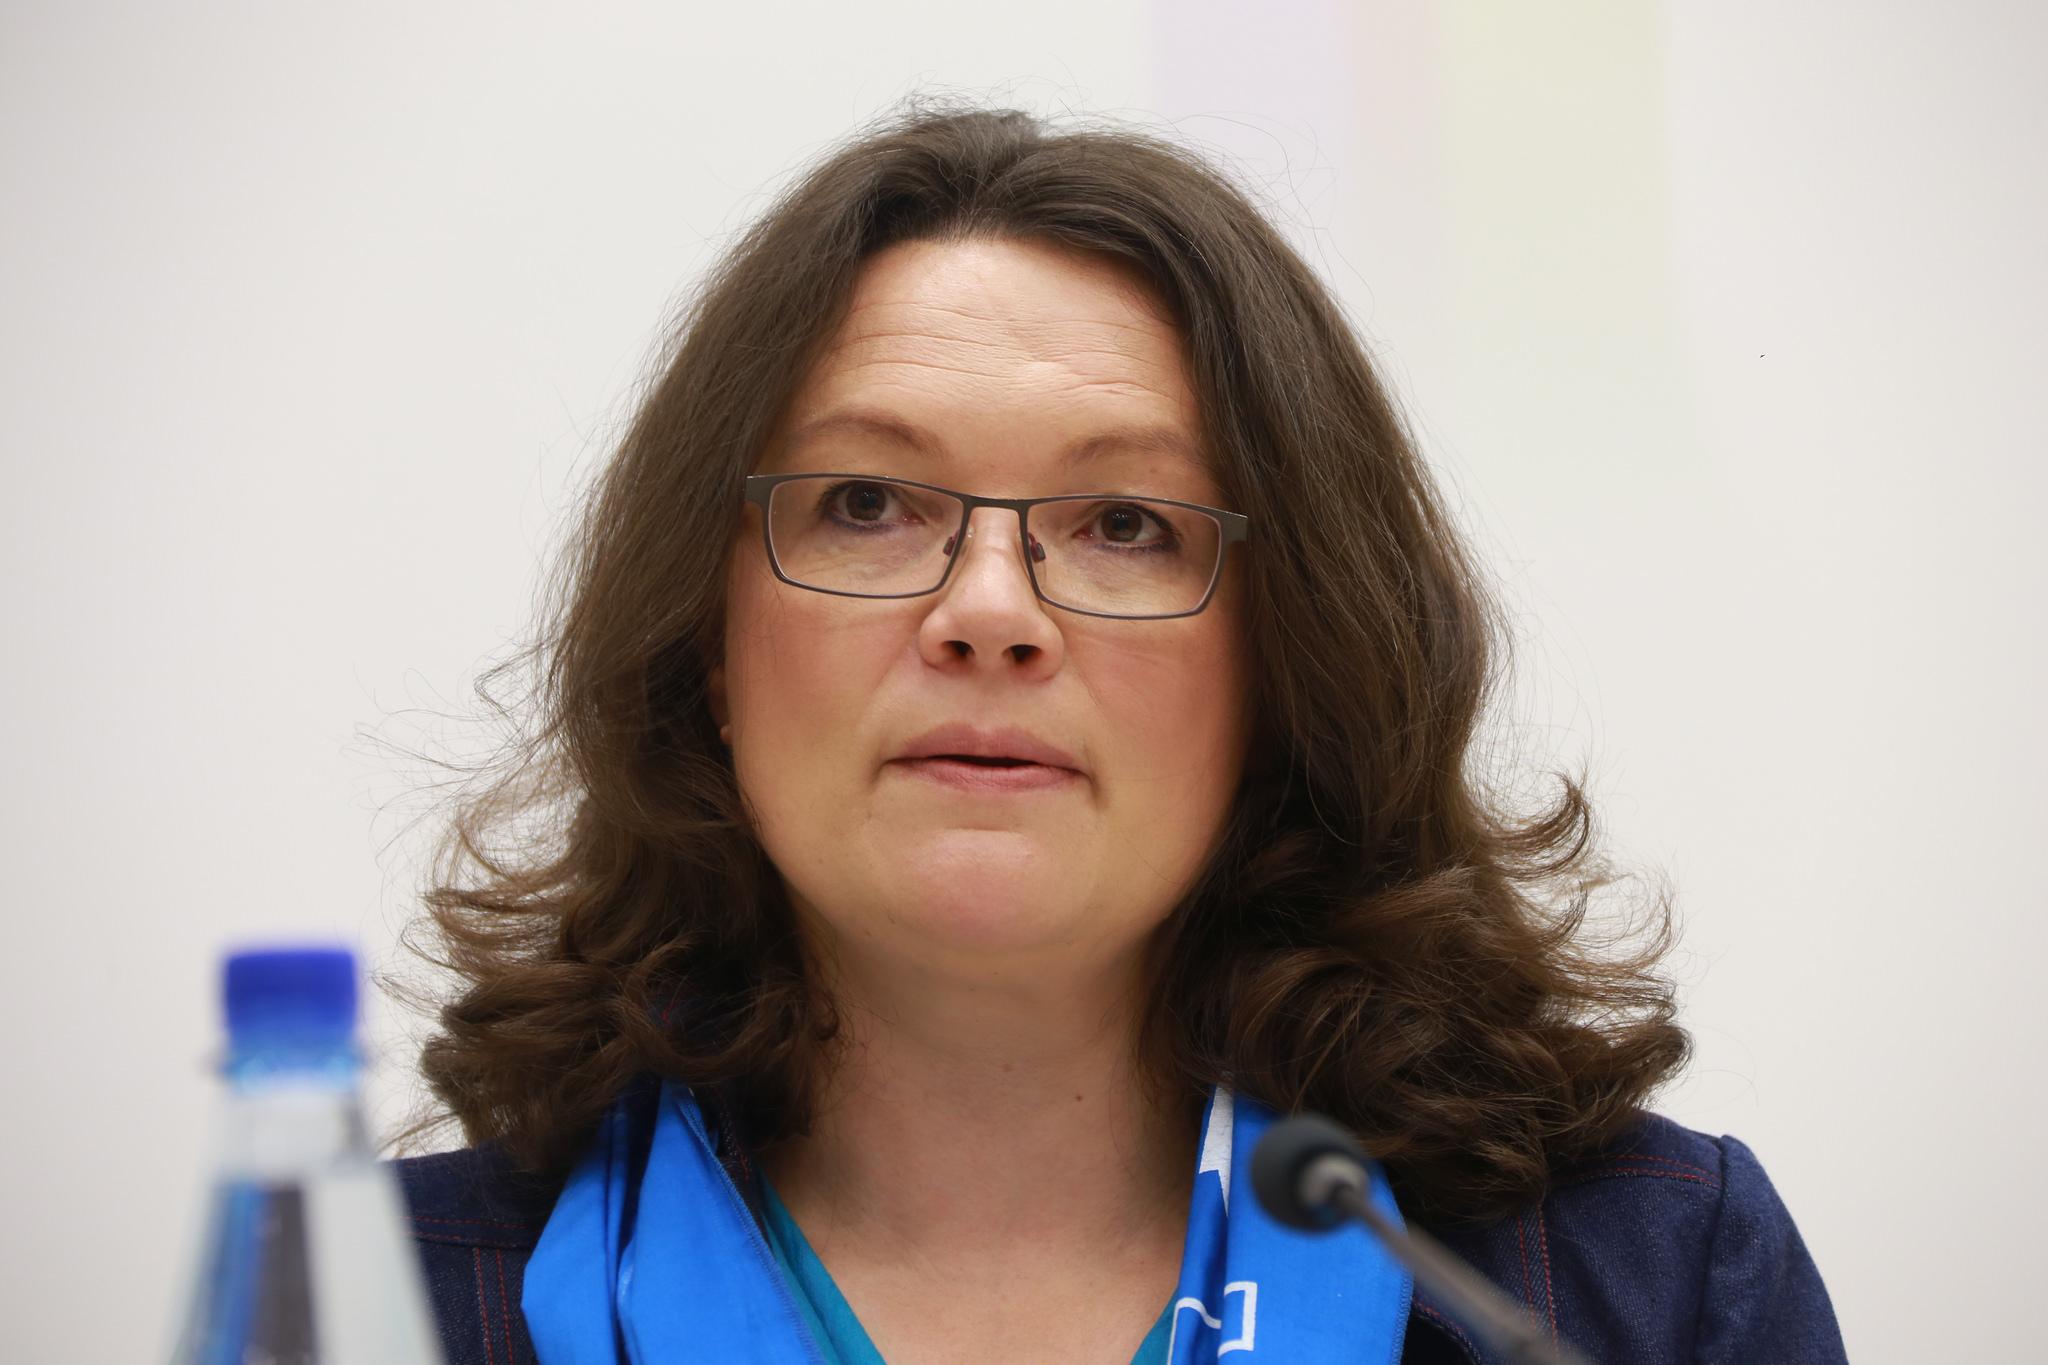 Arbeitsministerin Nahles will Jobs für Zehntausende Flüchtlinge .